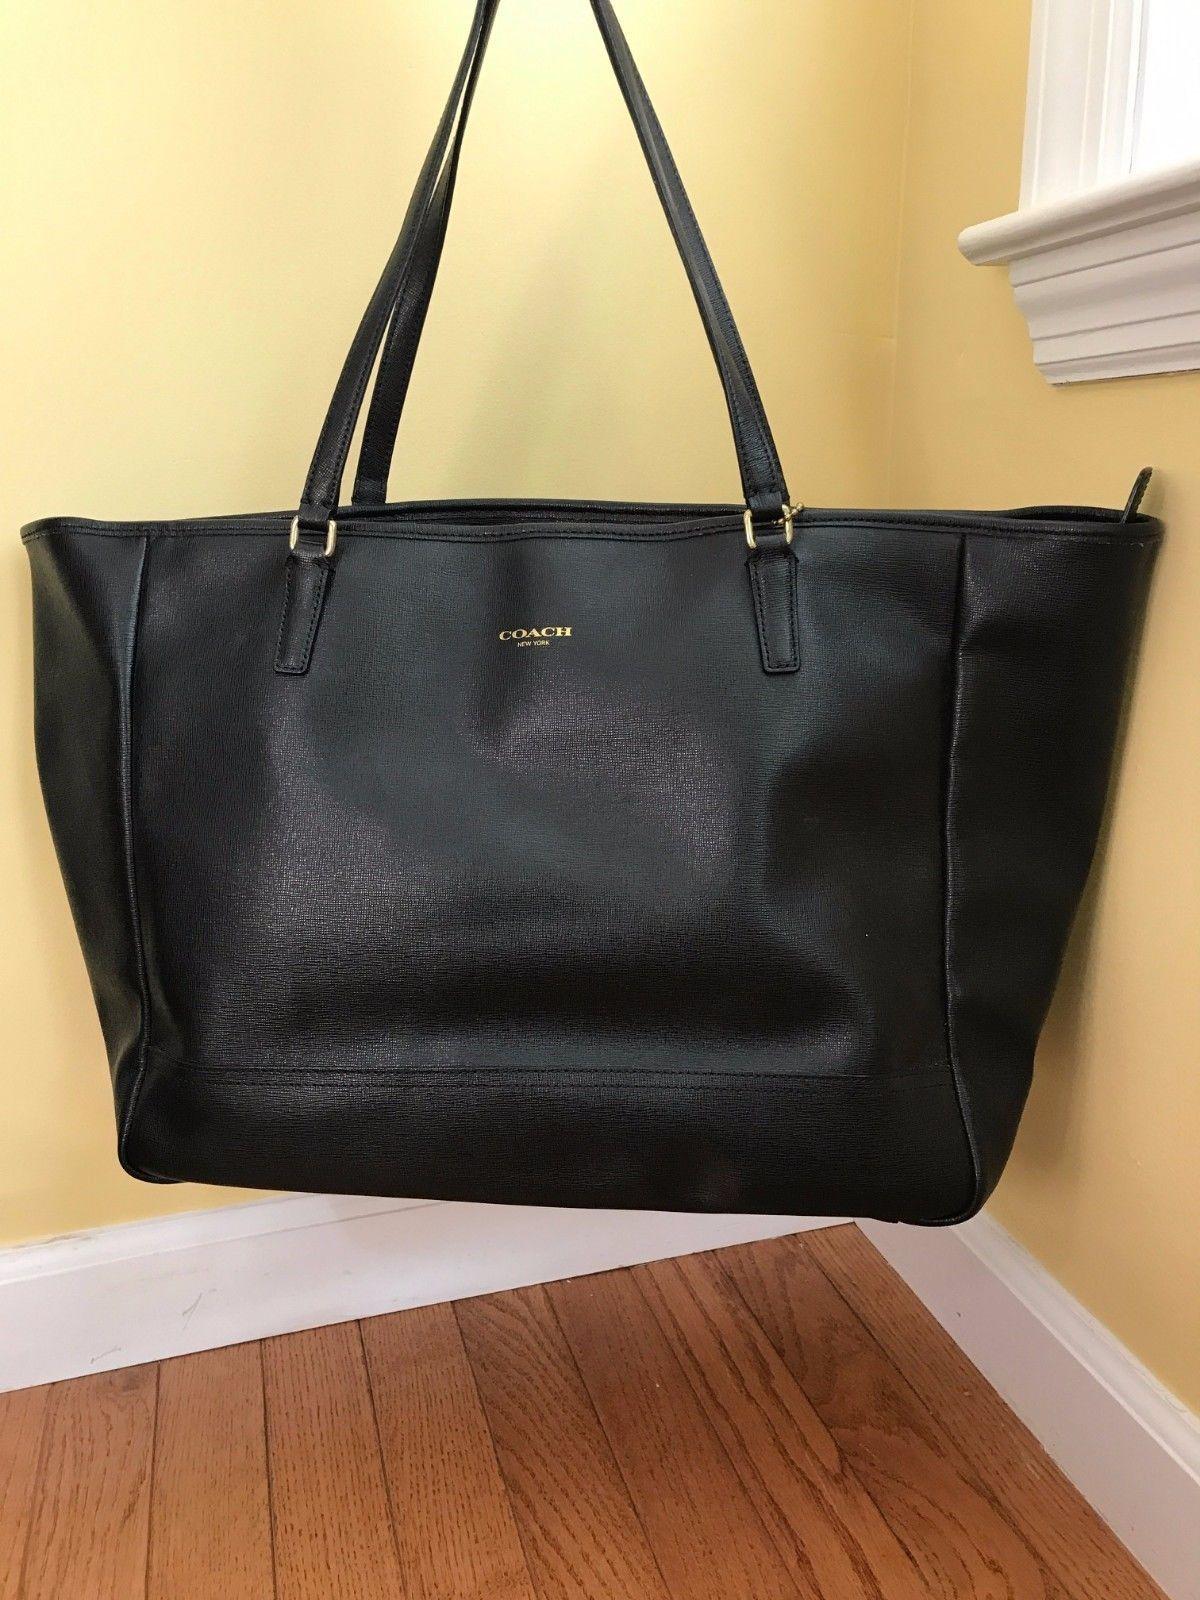 Coach medium to large black tote bag purse  6f5308bf43e06